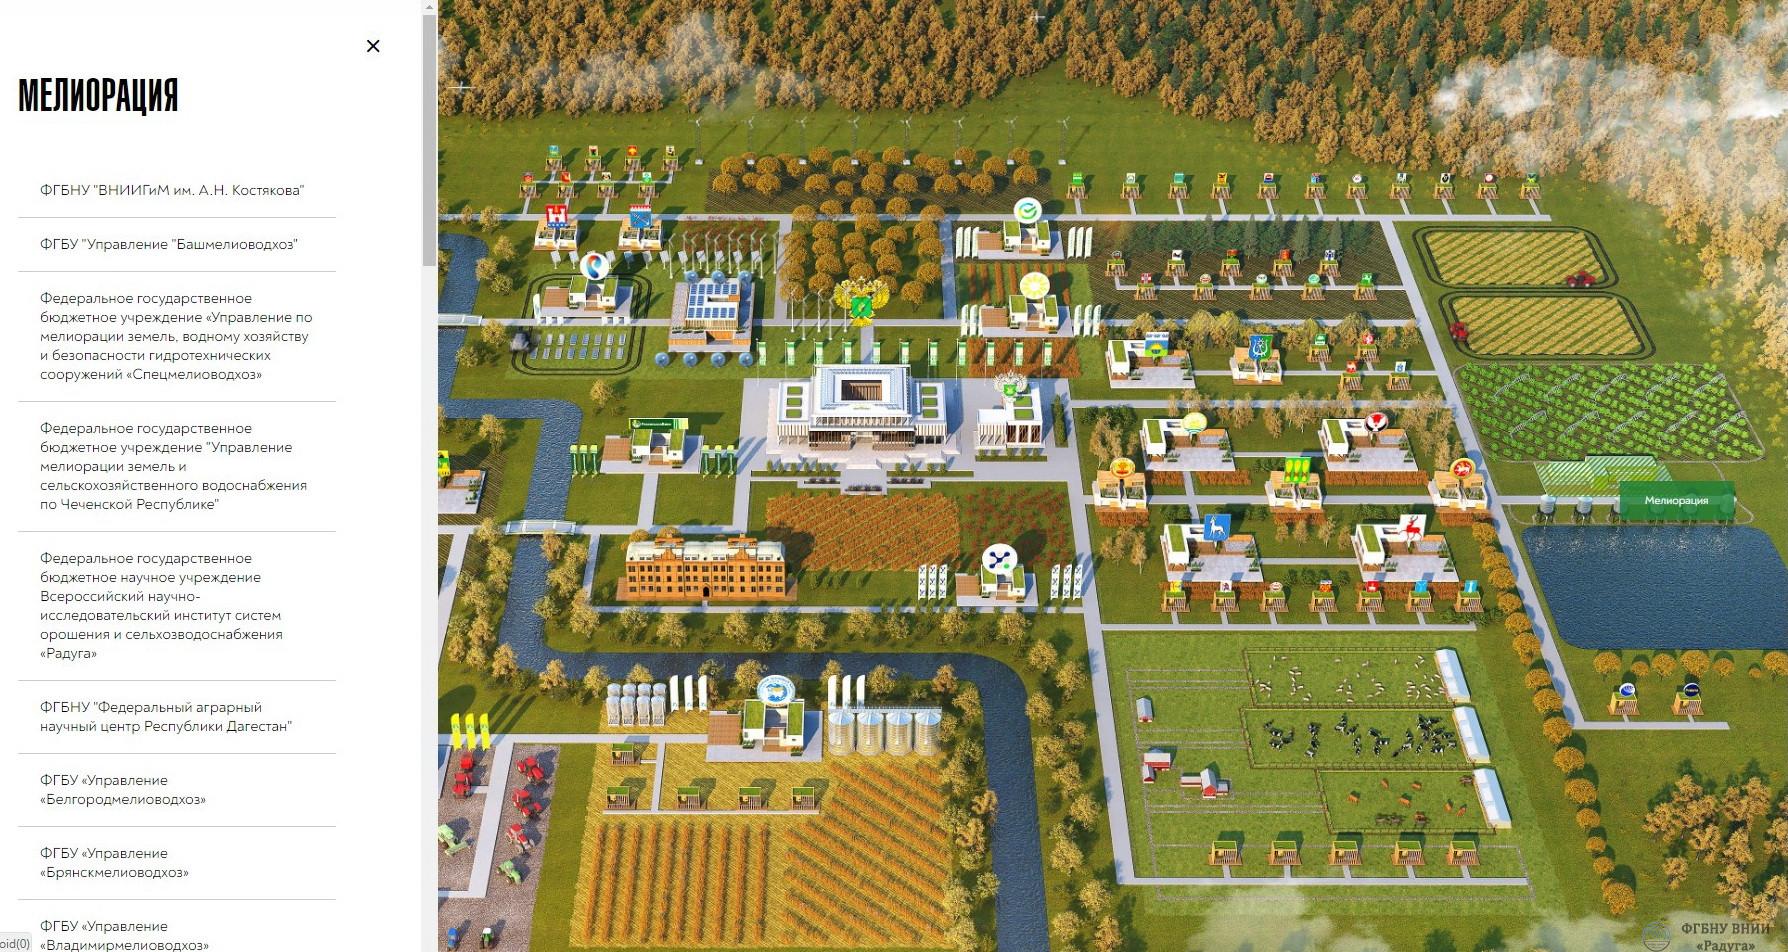 ВНИИ «Радуга» приняло участие в 22-ой Российской агропромышленной выставке «Золотая осень – 2020» в формате онлайн